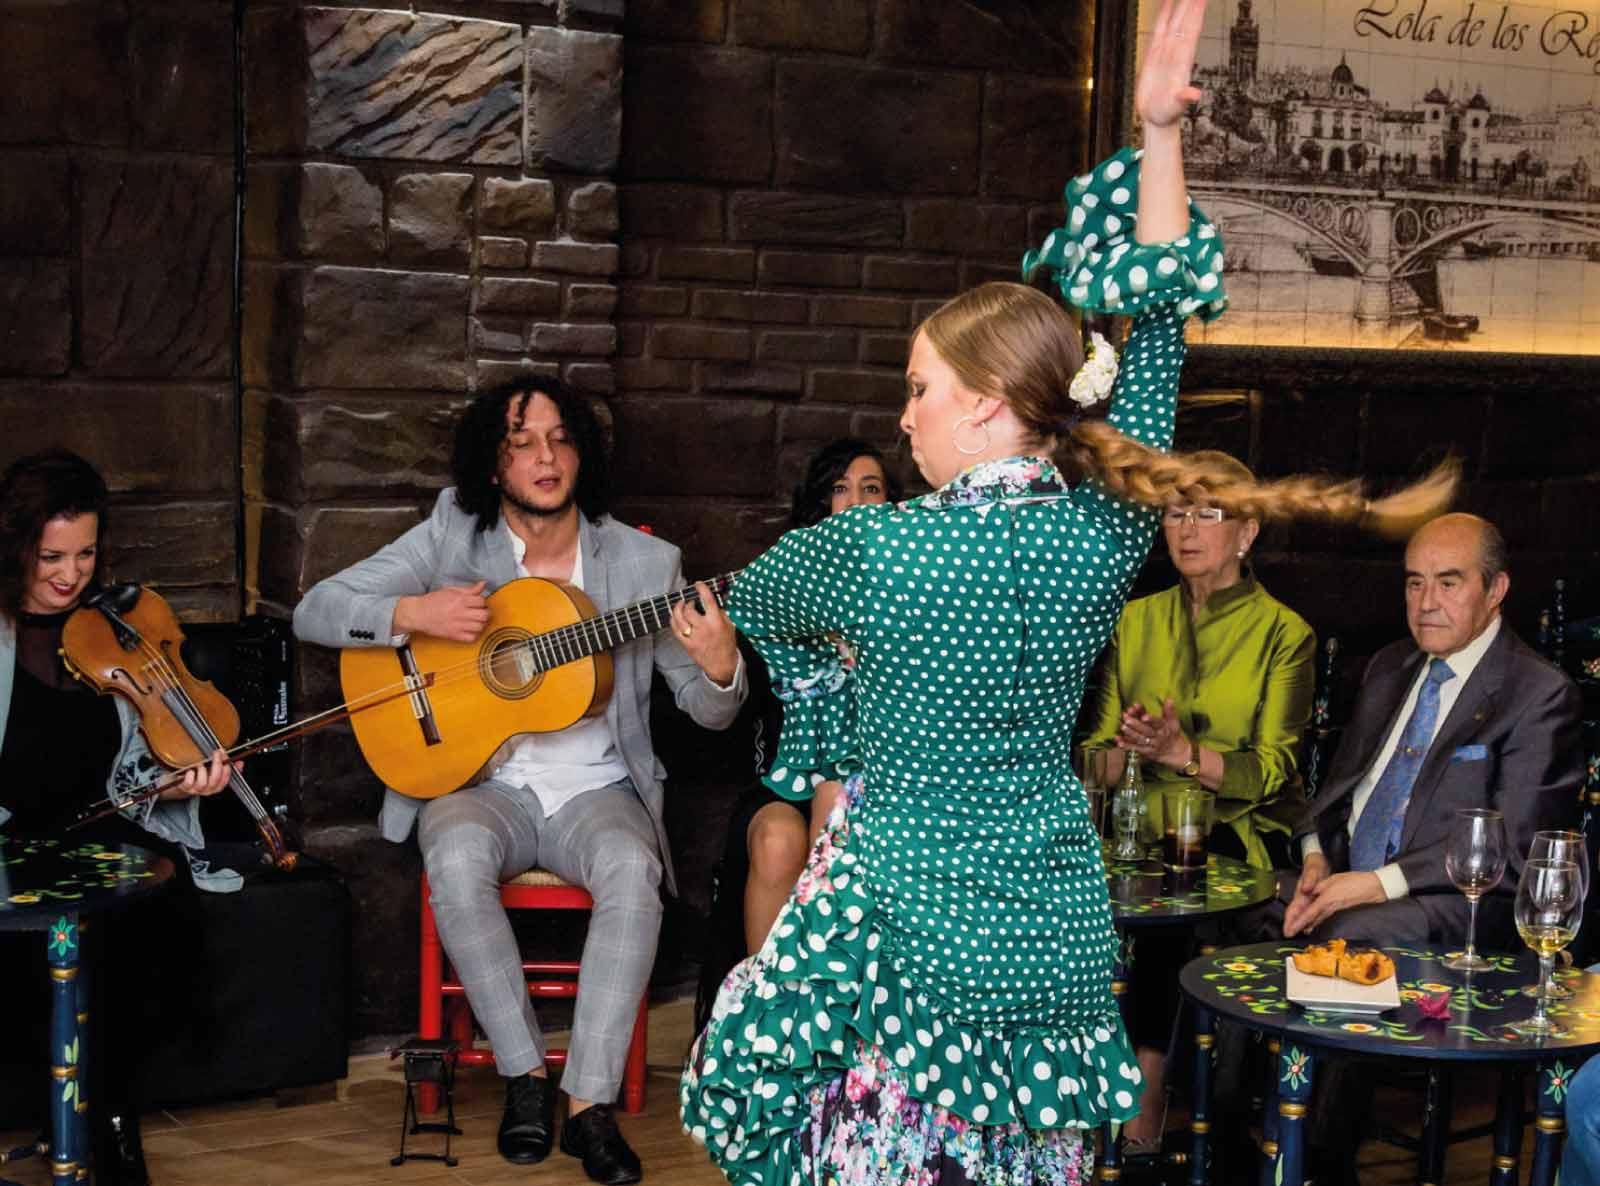 A Través Del Flamenco Tablao Flamenco En Sevilla Lola De Los Reyes